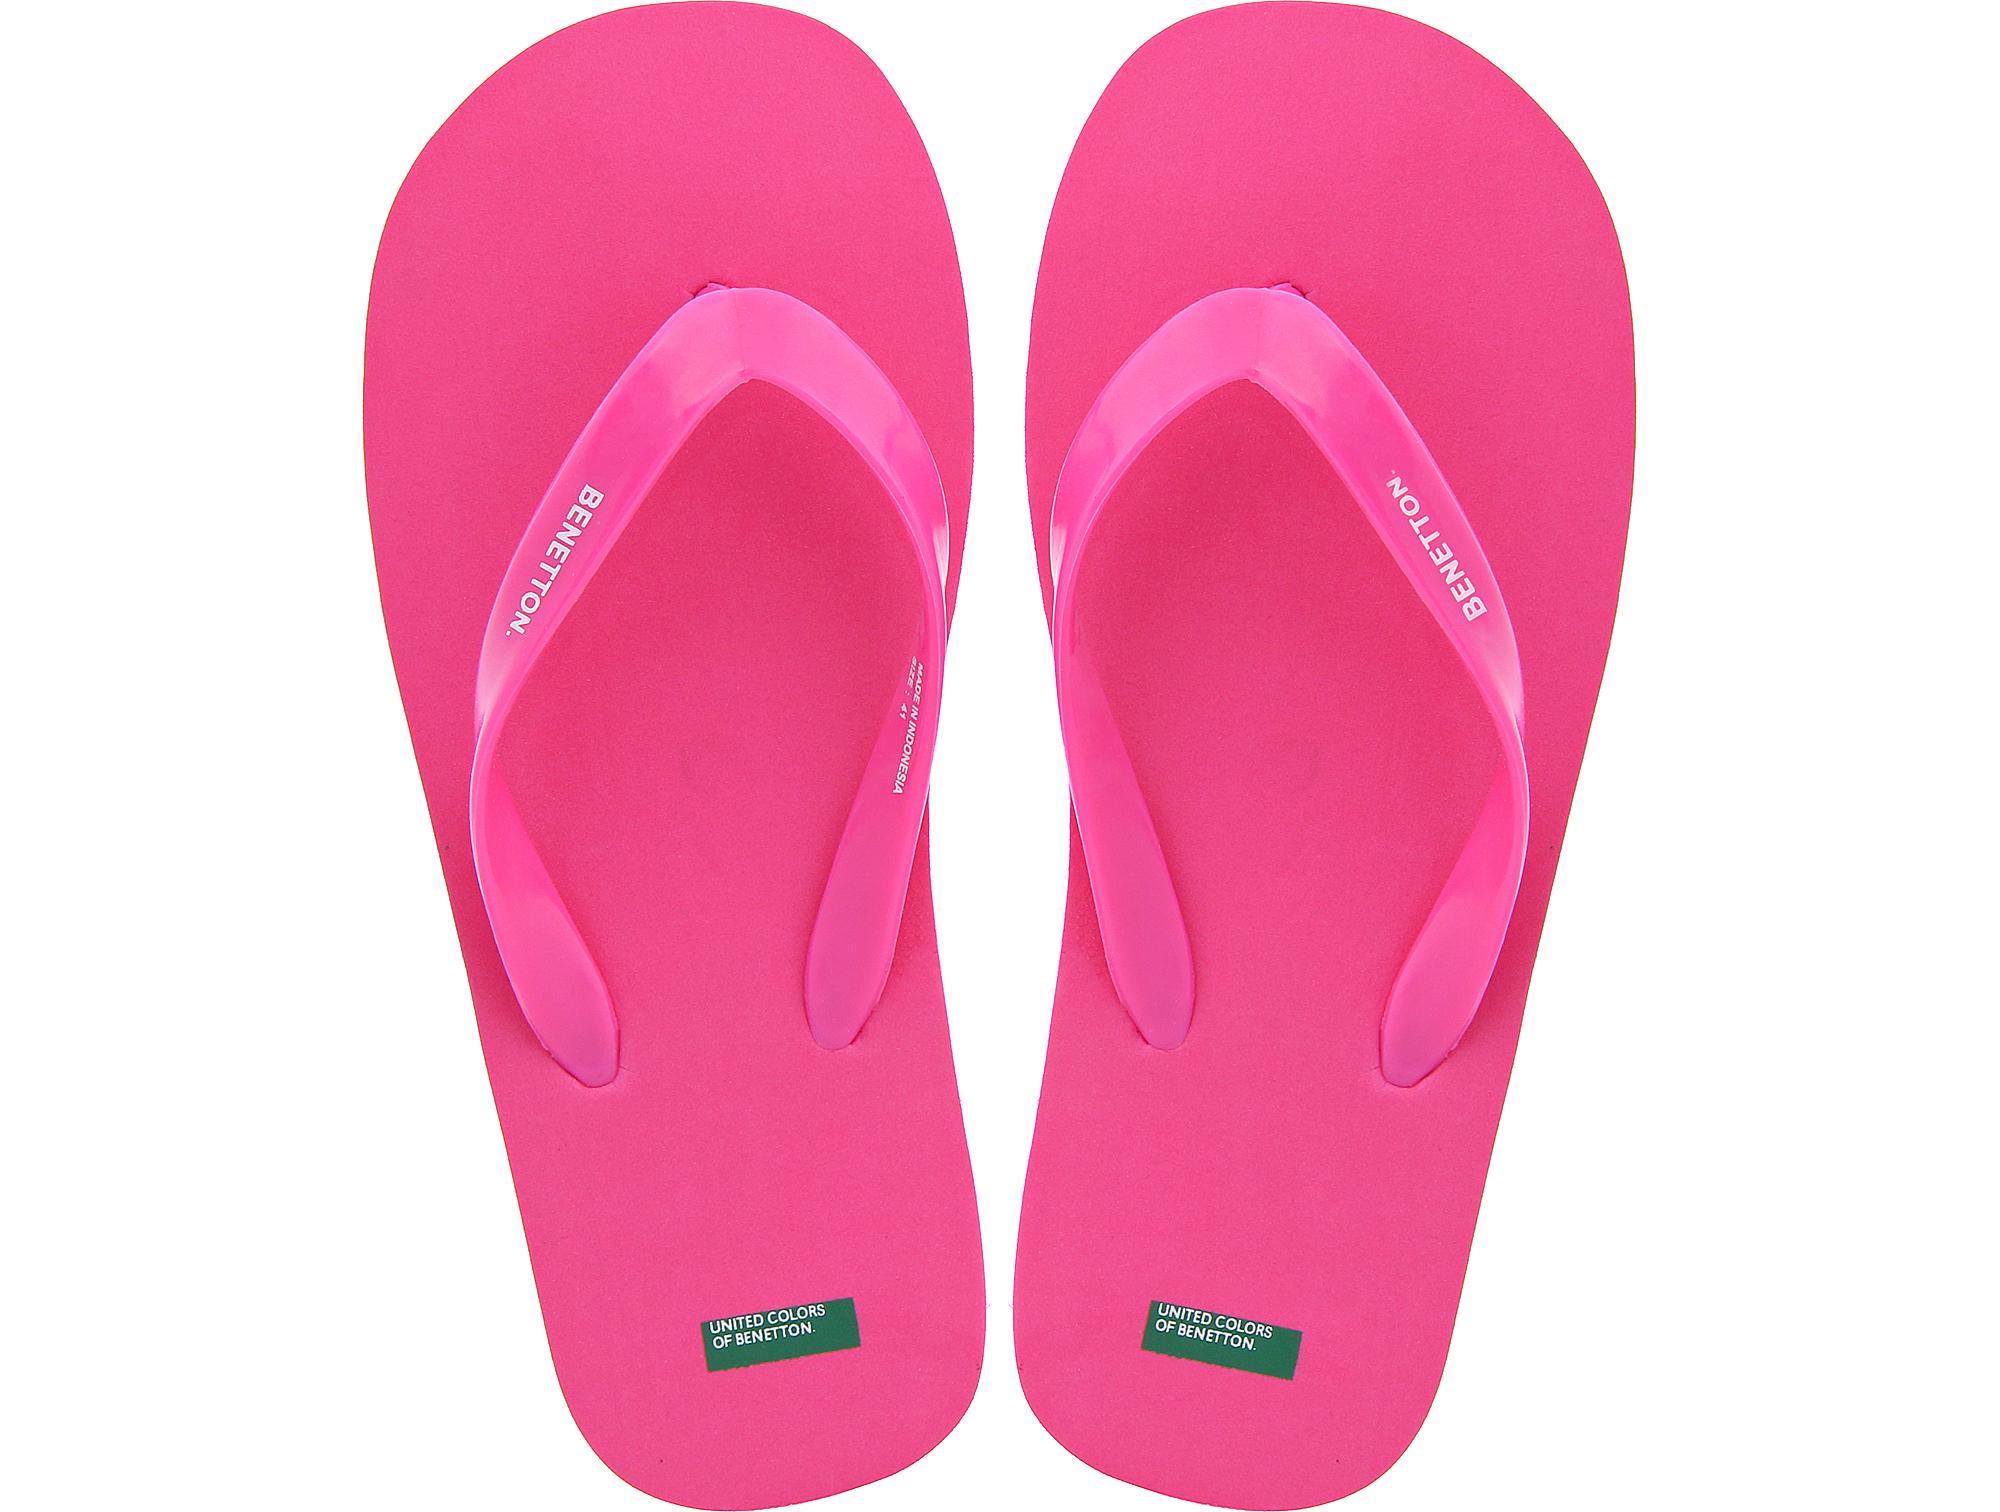 Купить со скидкой Пляжная обувь United Colours of Benetton 603 розовый